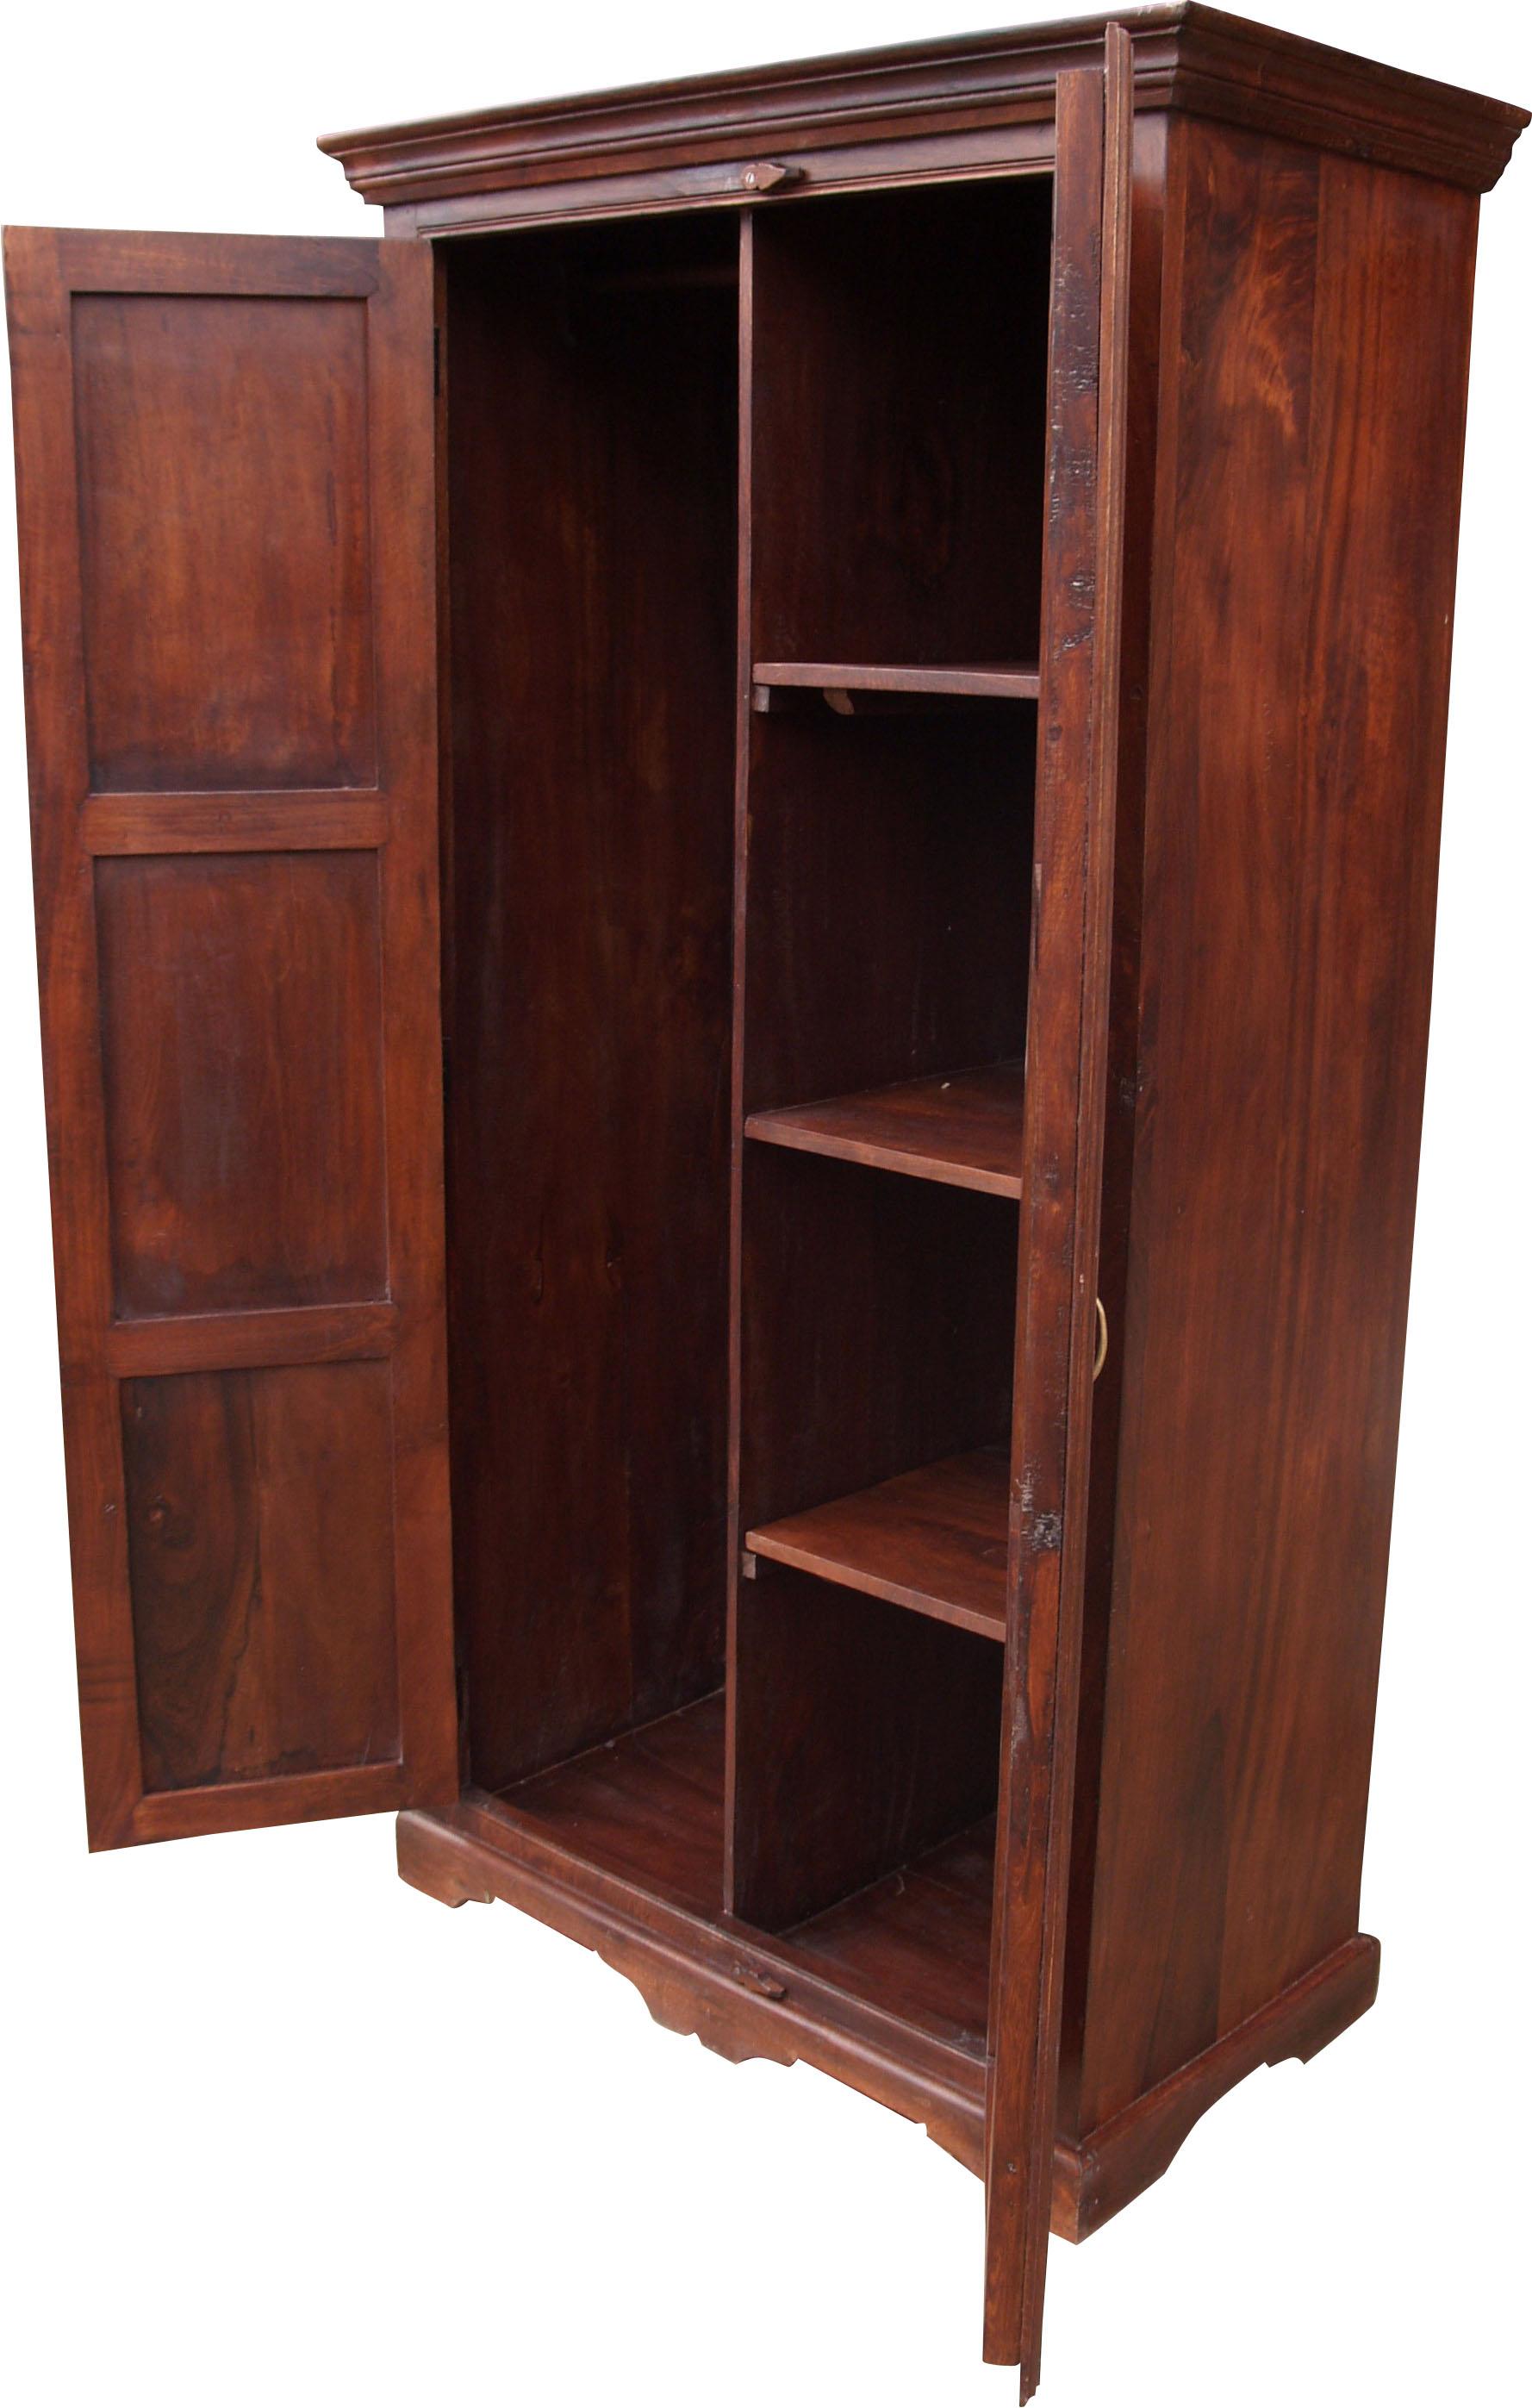 Kleiderschrank im Kolonialstil & Kleiderstange 1 - 185x100x52 cm